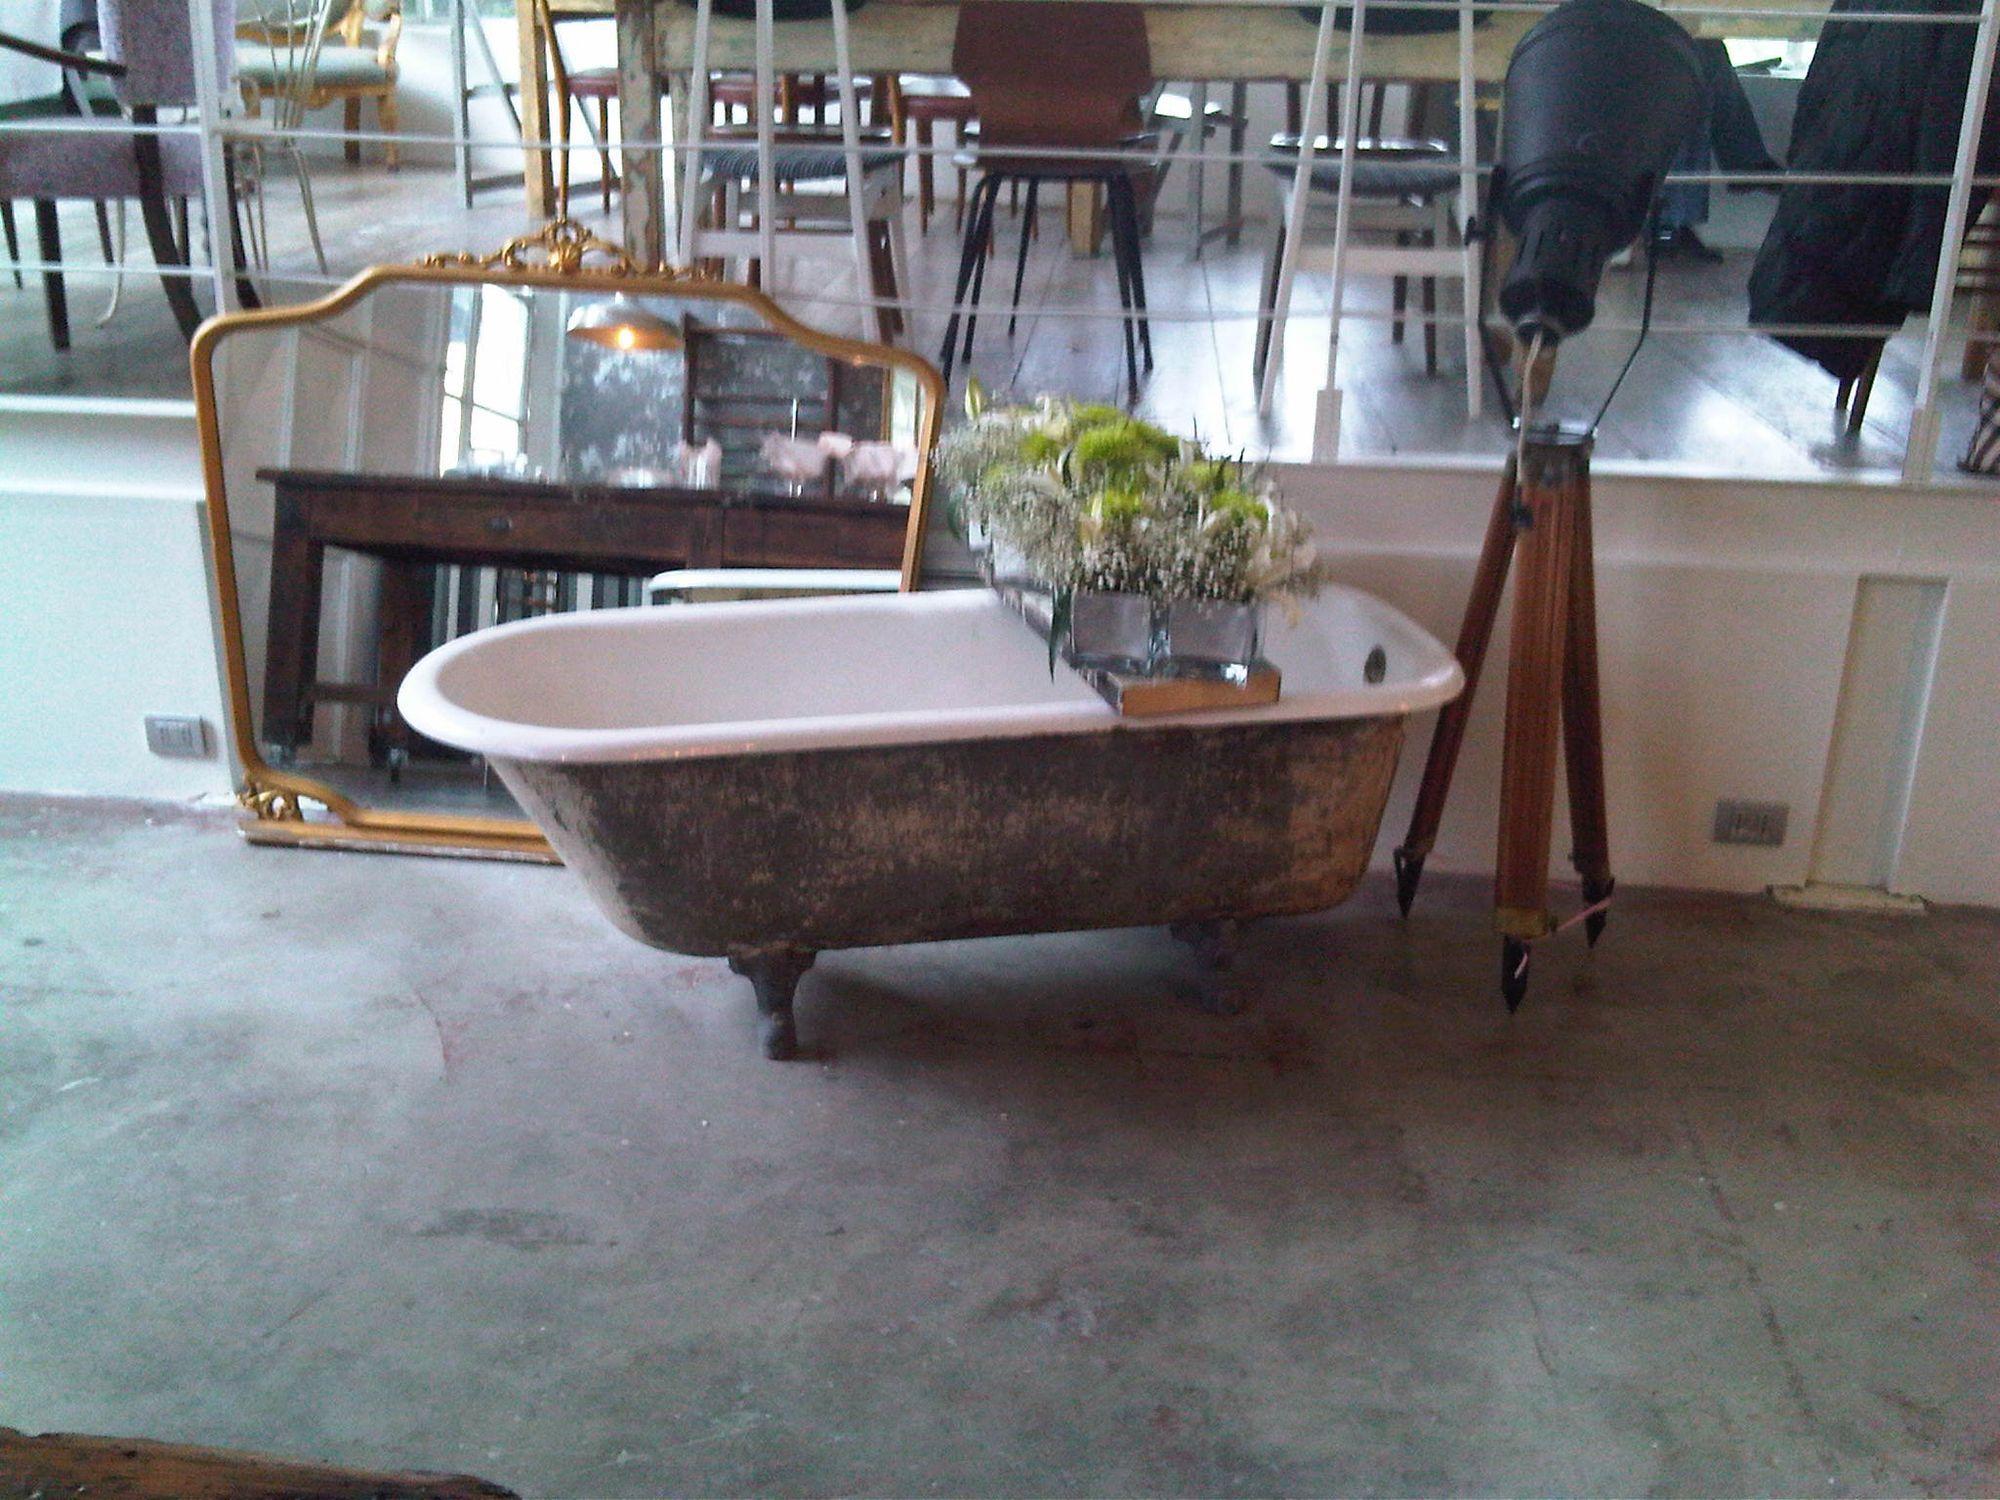 Vasca Da Bagno Vintage Prezzi : Vasche da bagno antiche prezzi latest la di una nuova vasca